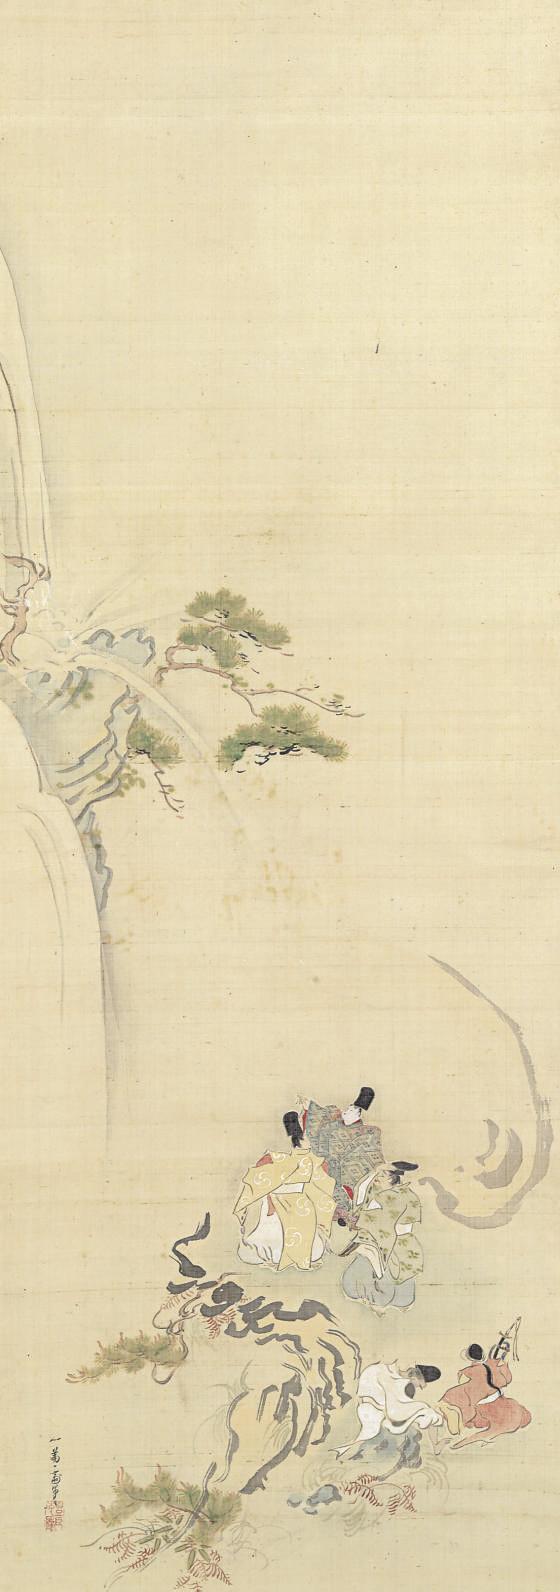 Ukita Ikkei (1795-1859)